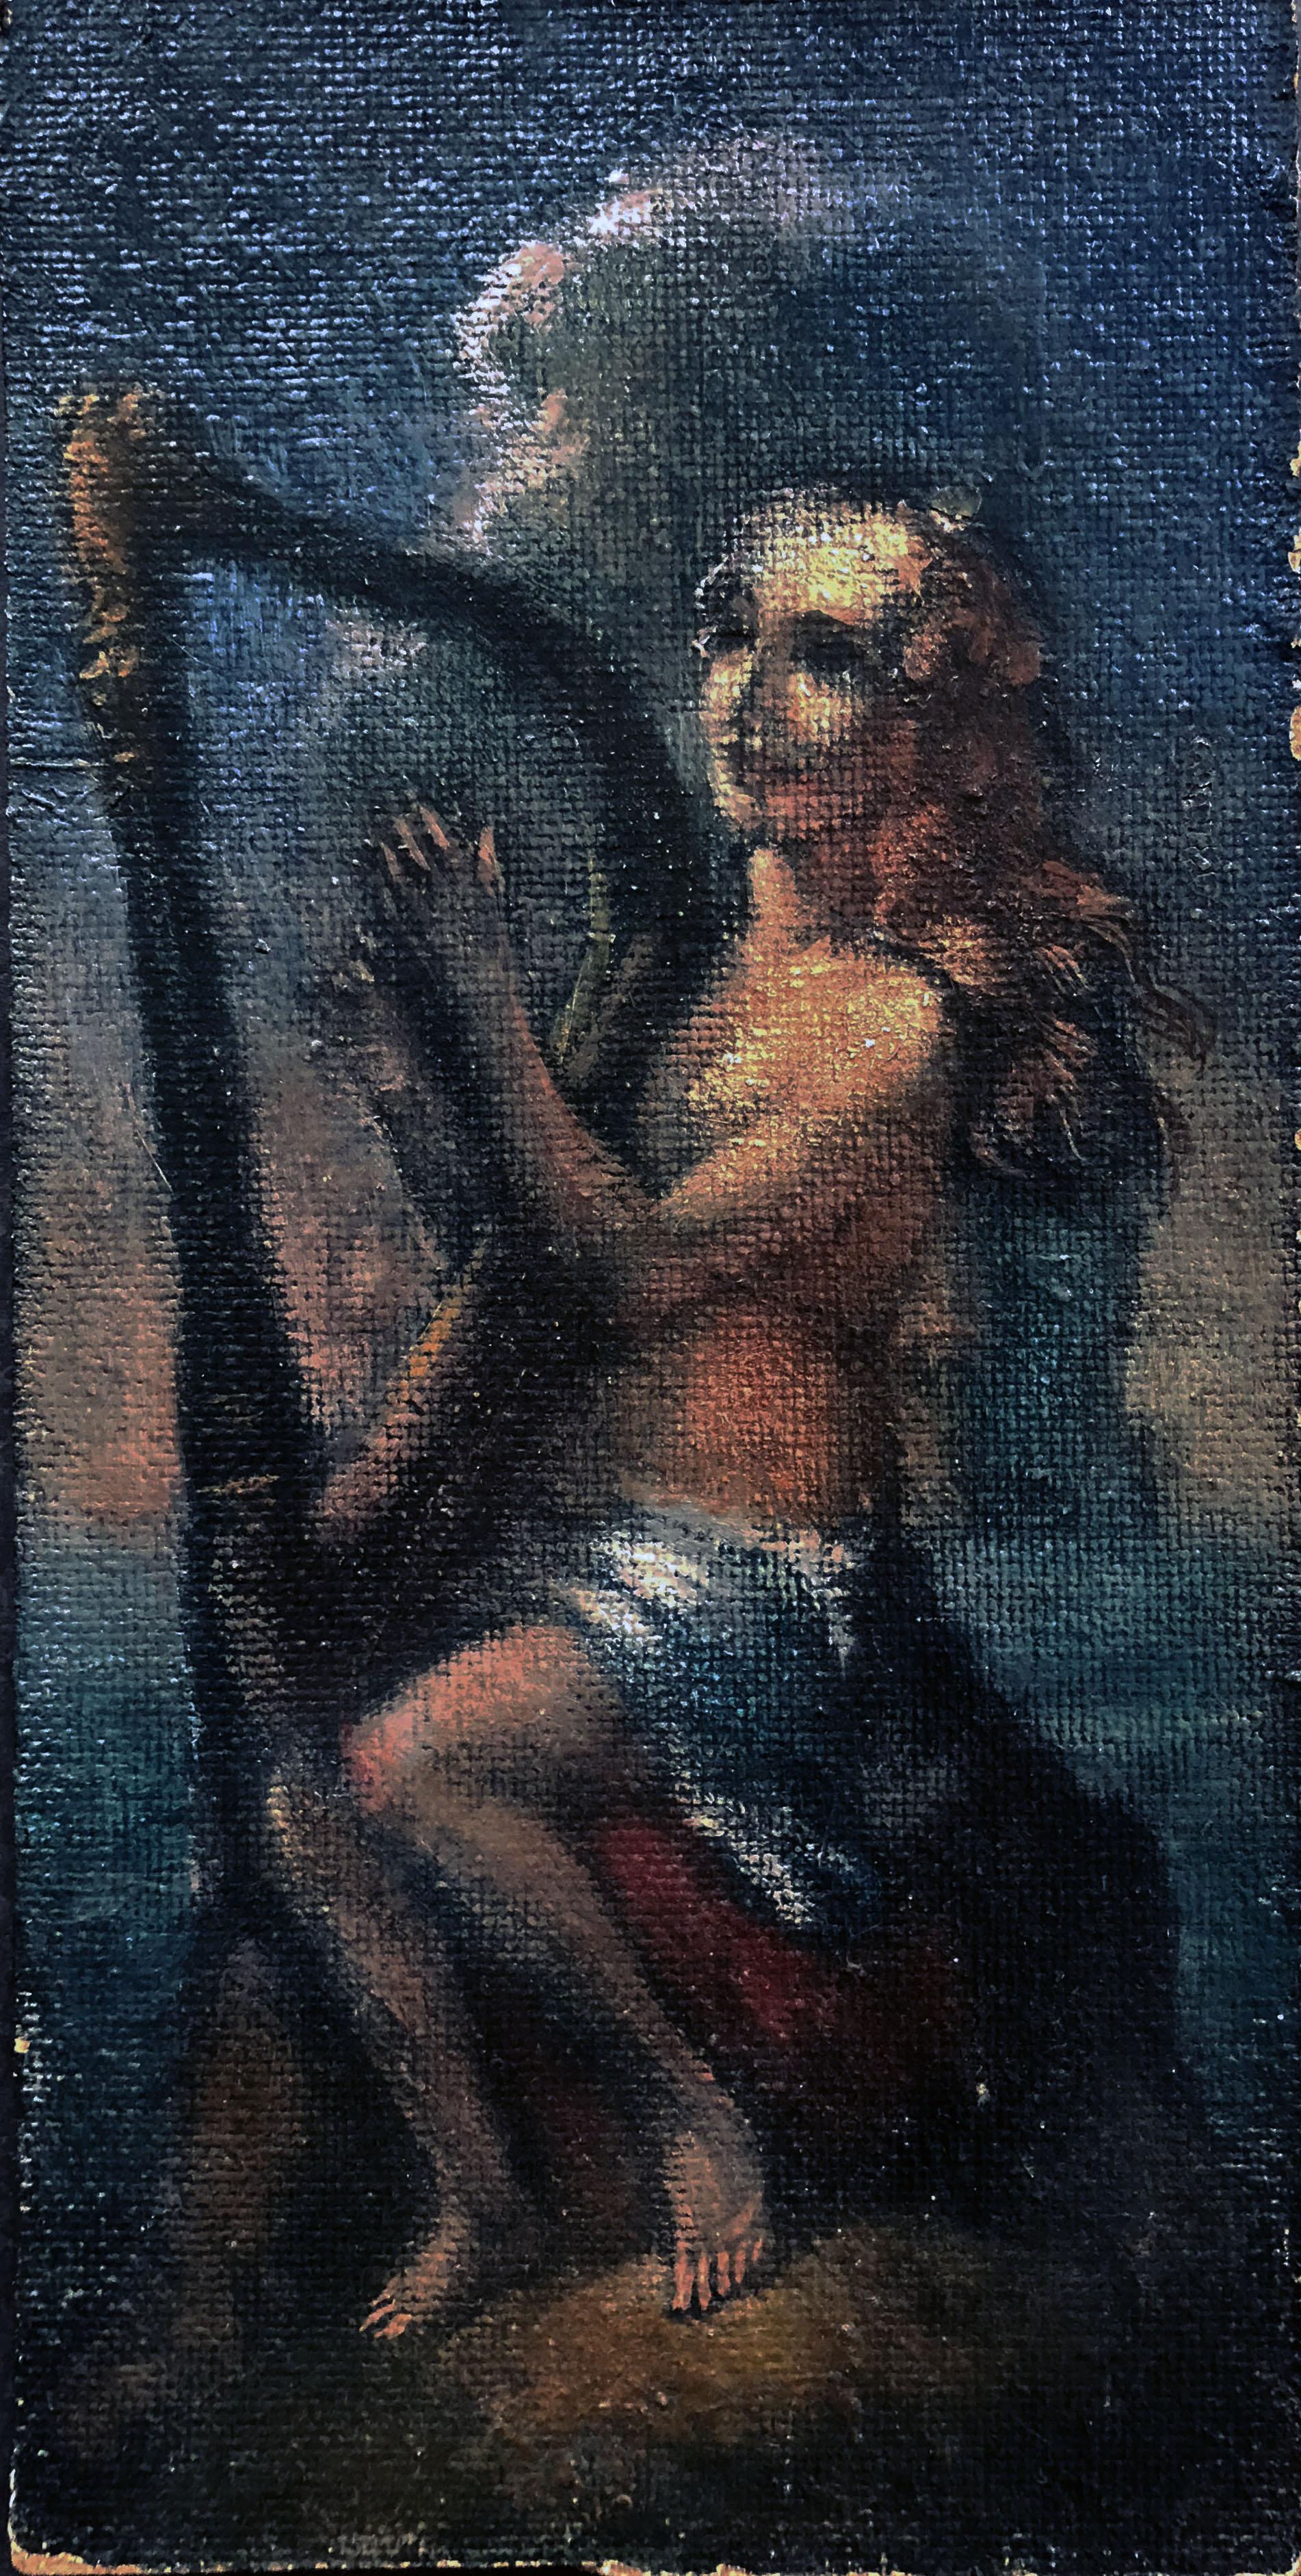 Henri van der Velde (1896-1969), Jonge vrouw speelt harp